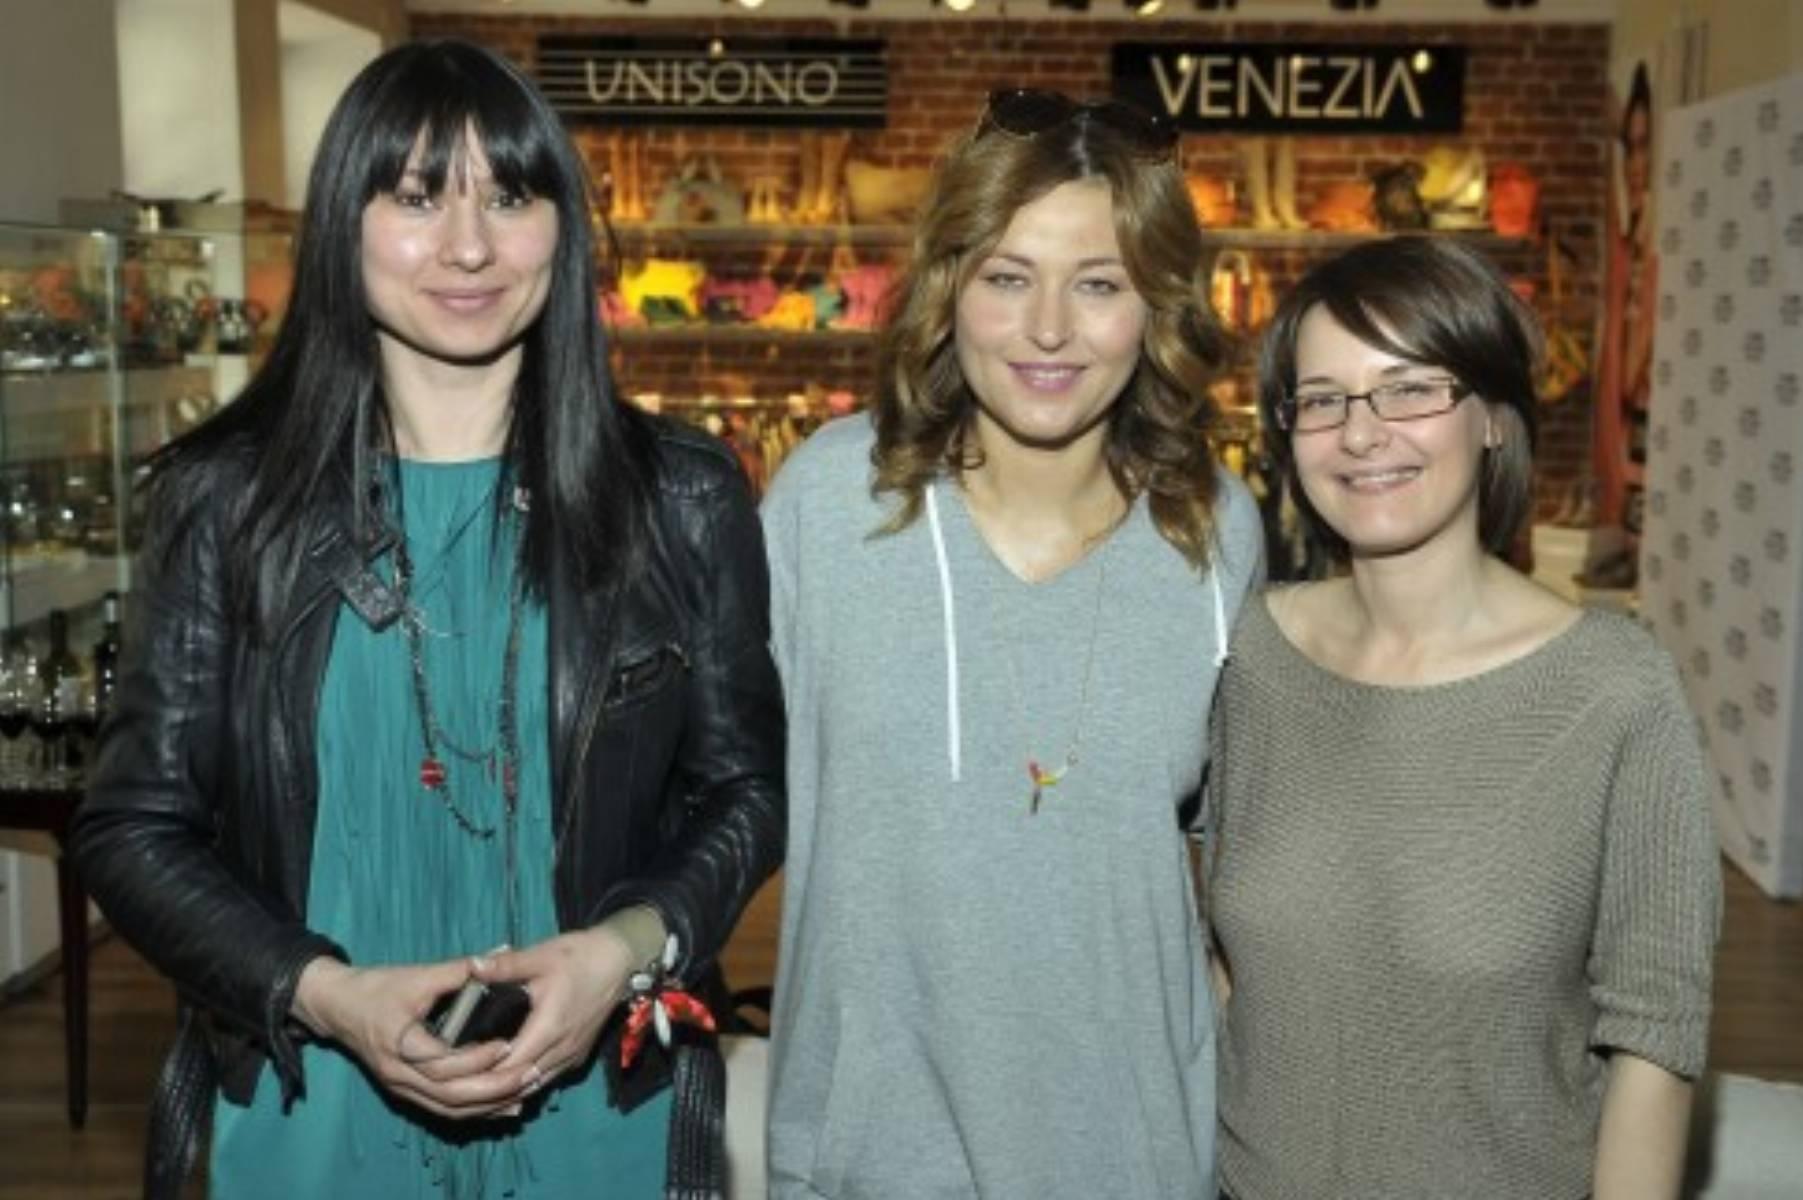 Hanna Maron(Specjalista ds. wizerunku Venezia), Beata Sadowska, Magdalena Stępień (dział marketingu Venezia,Unisono)